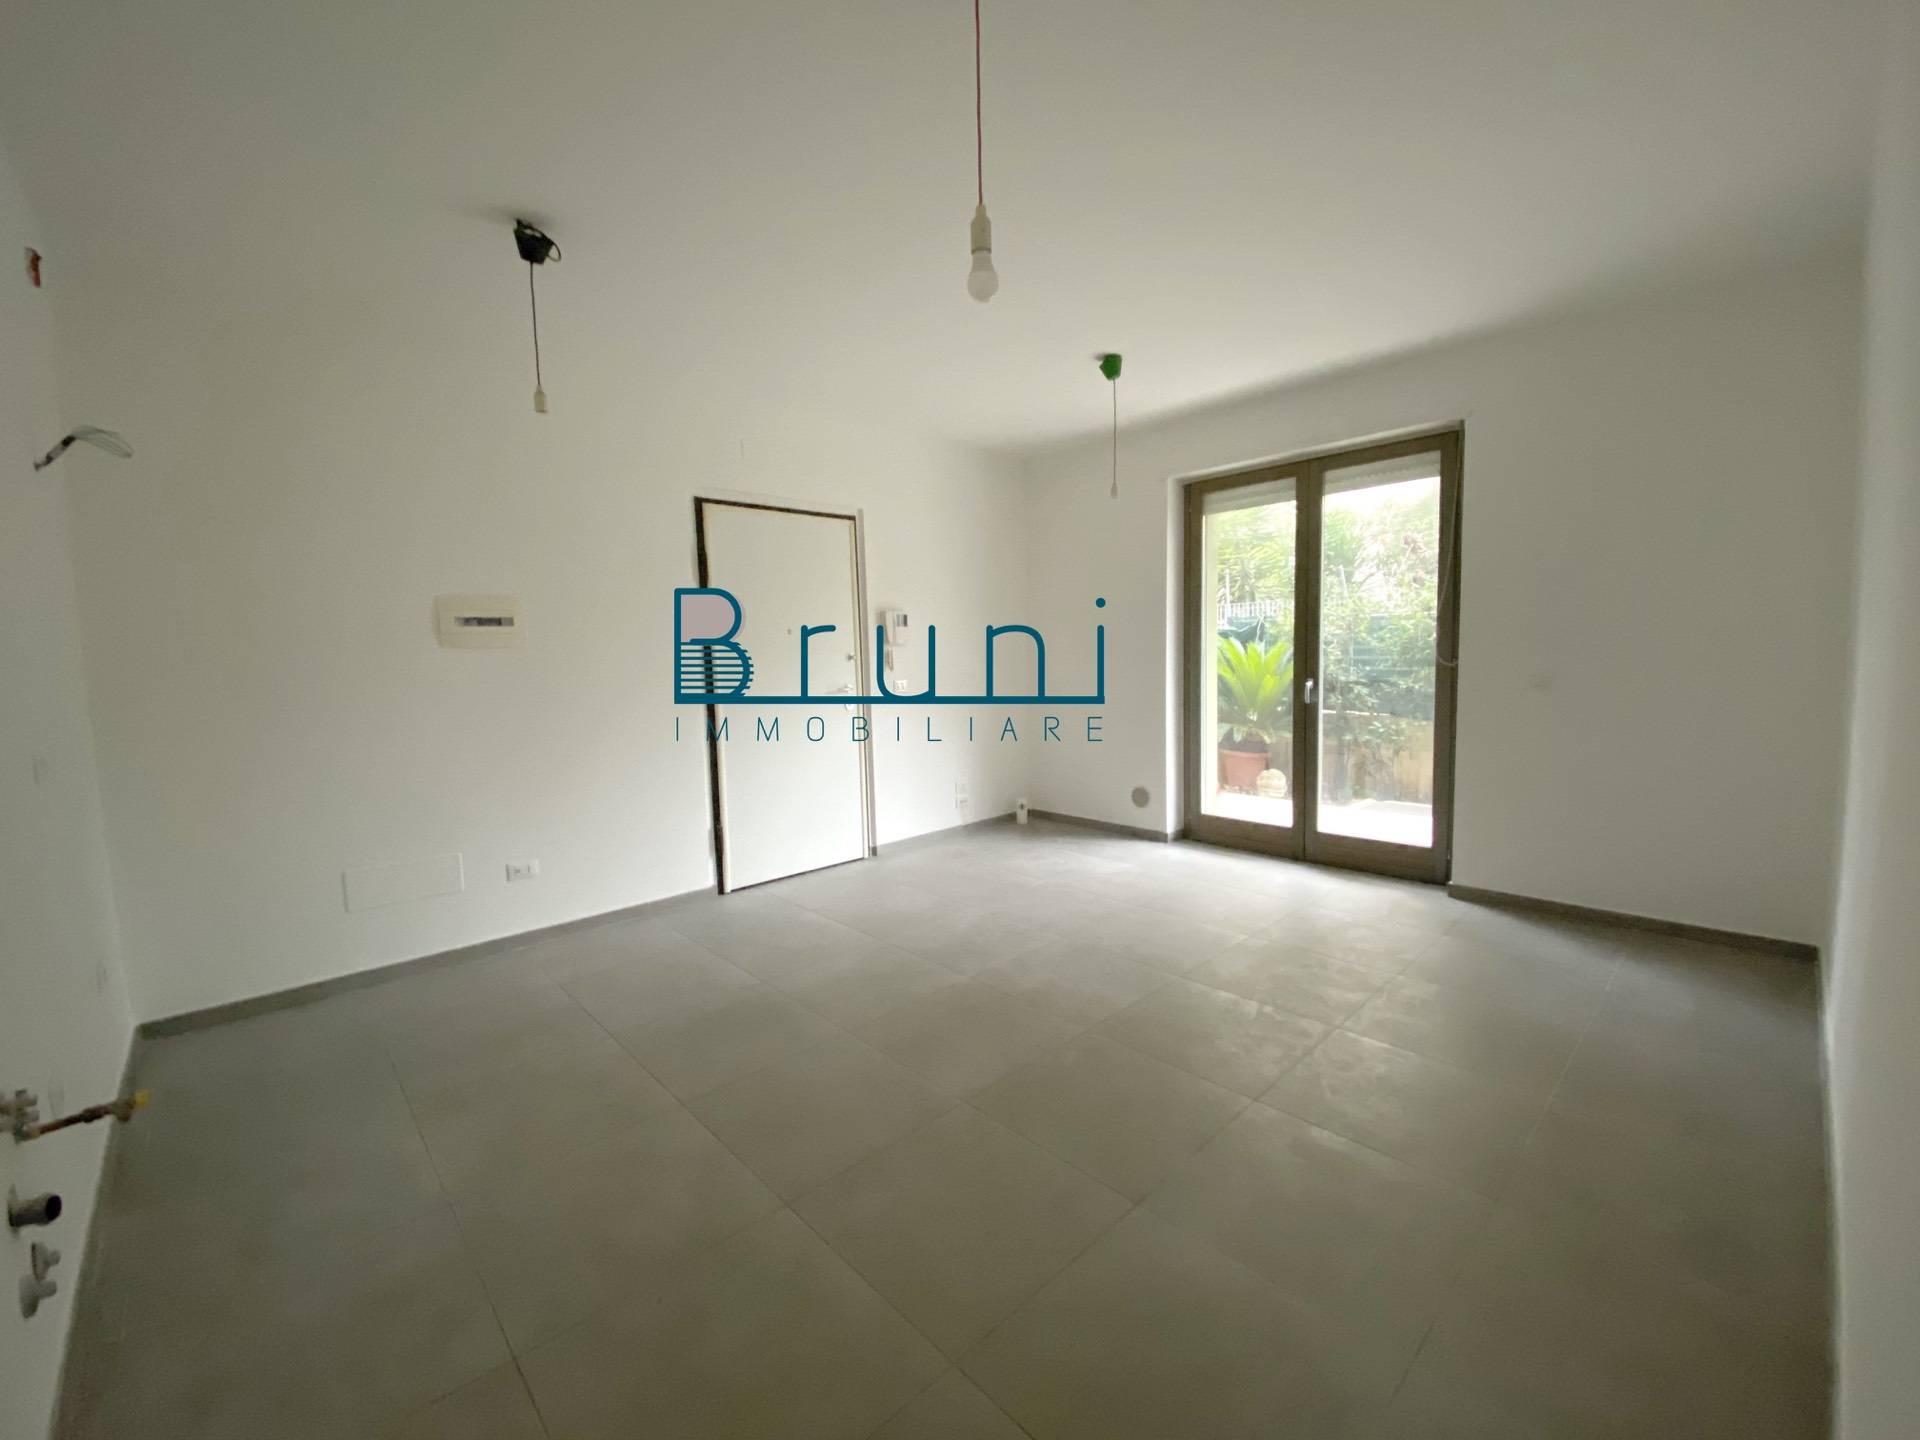 Appartamento in vendita a Grottammare, 3 locali, zona Località: ZonaValtesino, prezzo € 155.000 | PortaleAgenzieImmobiliari.it